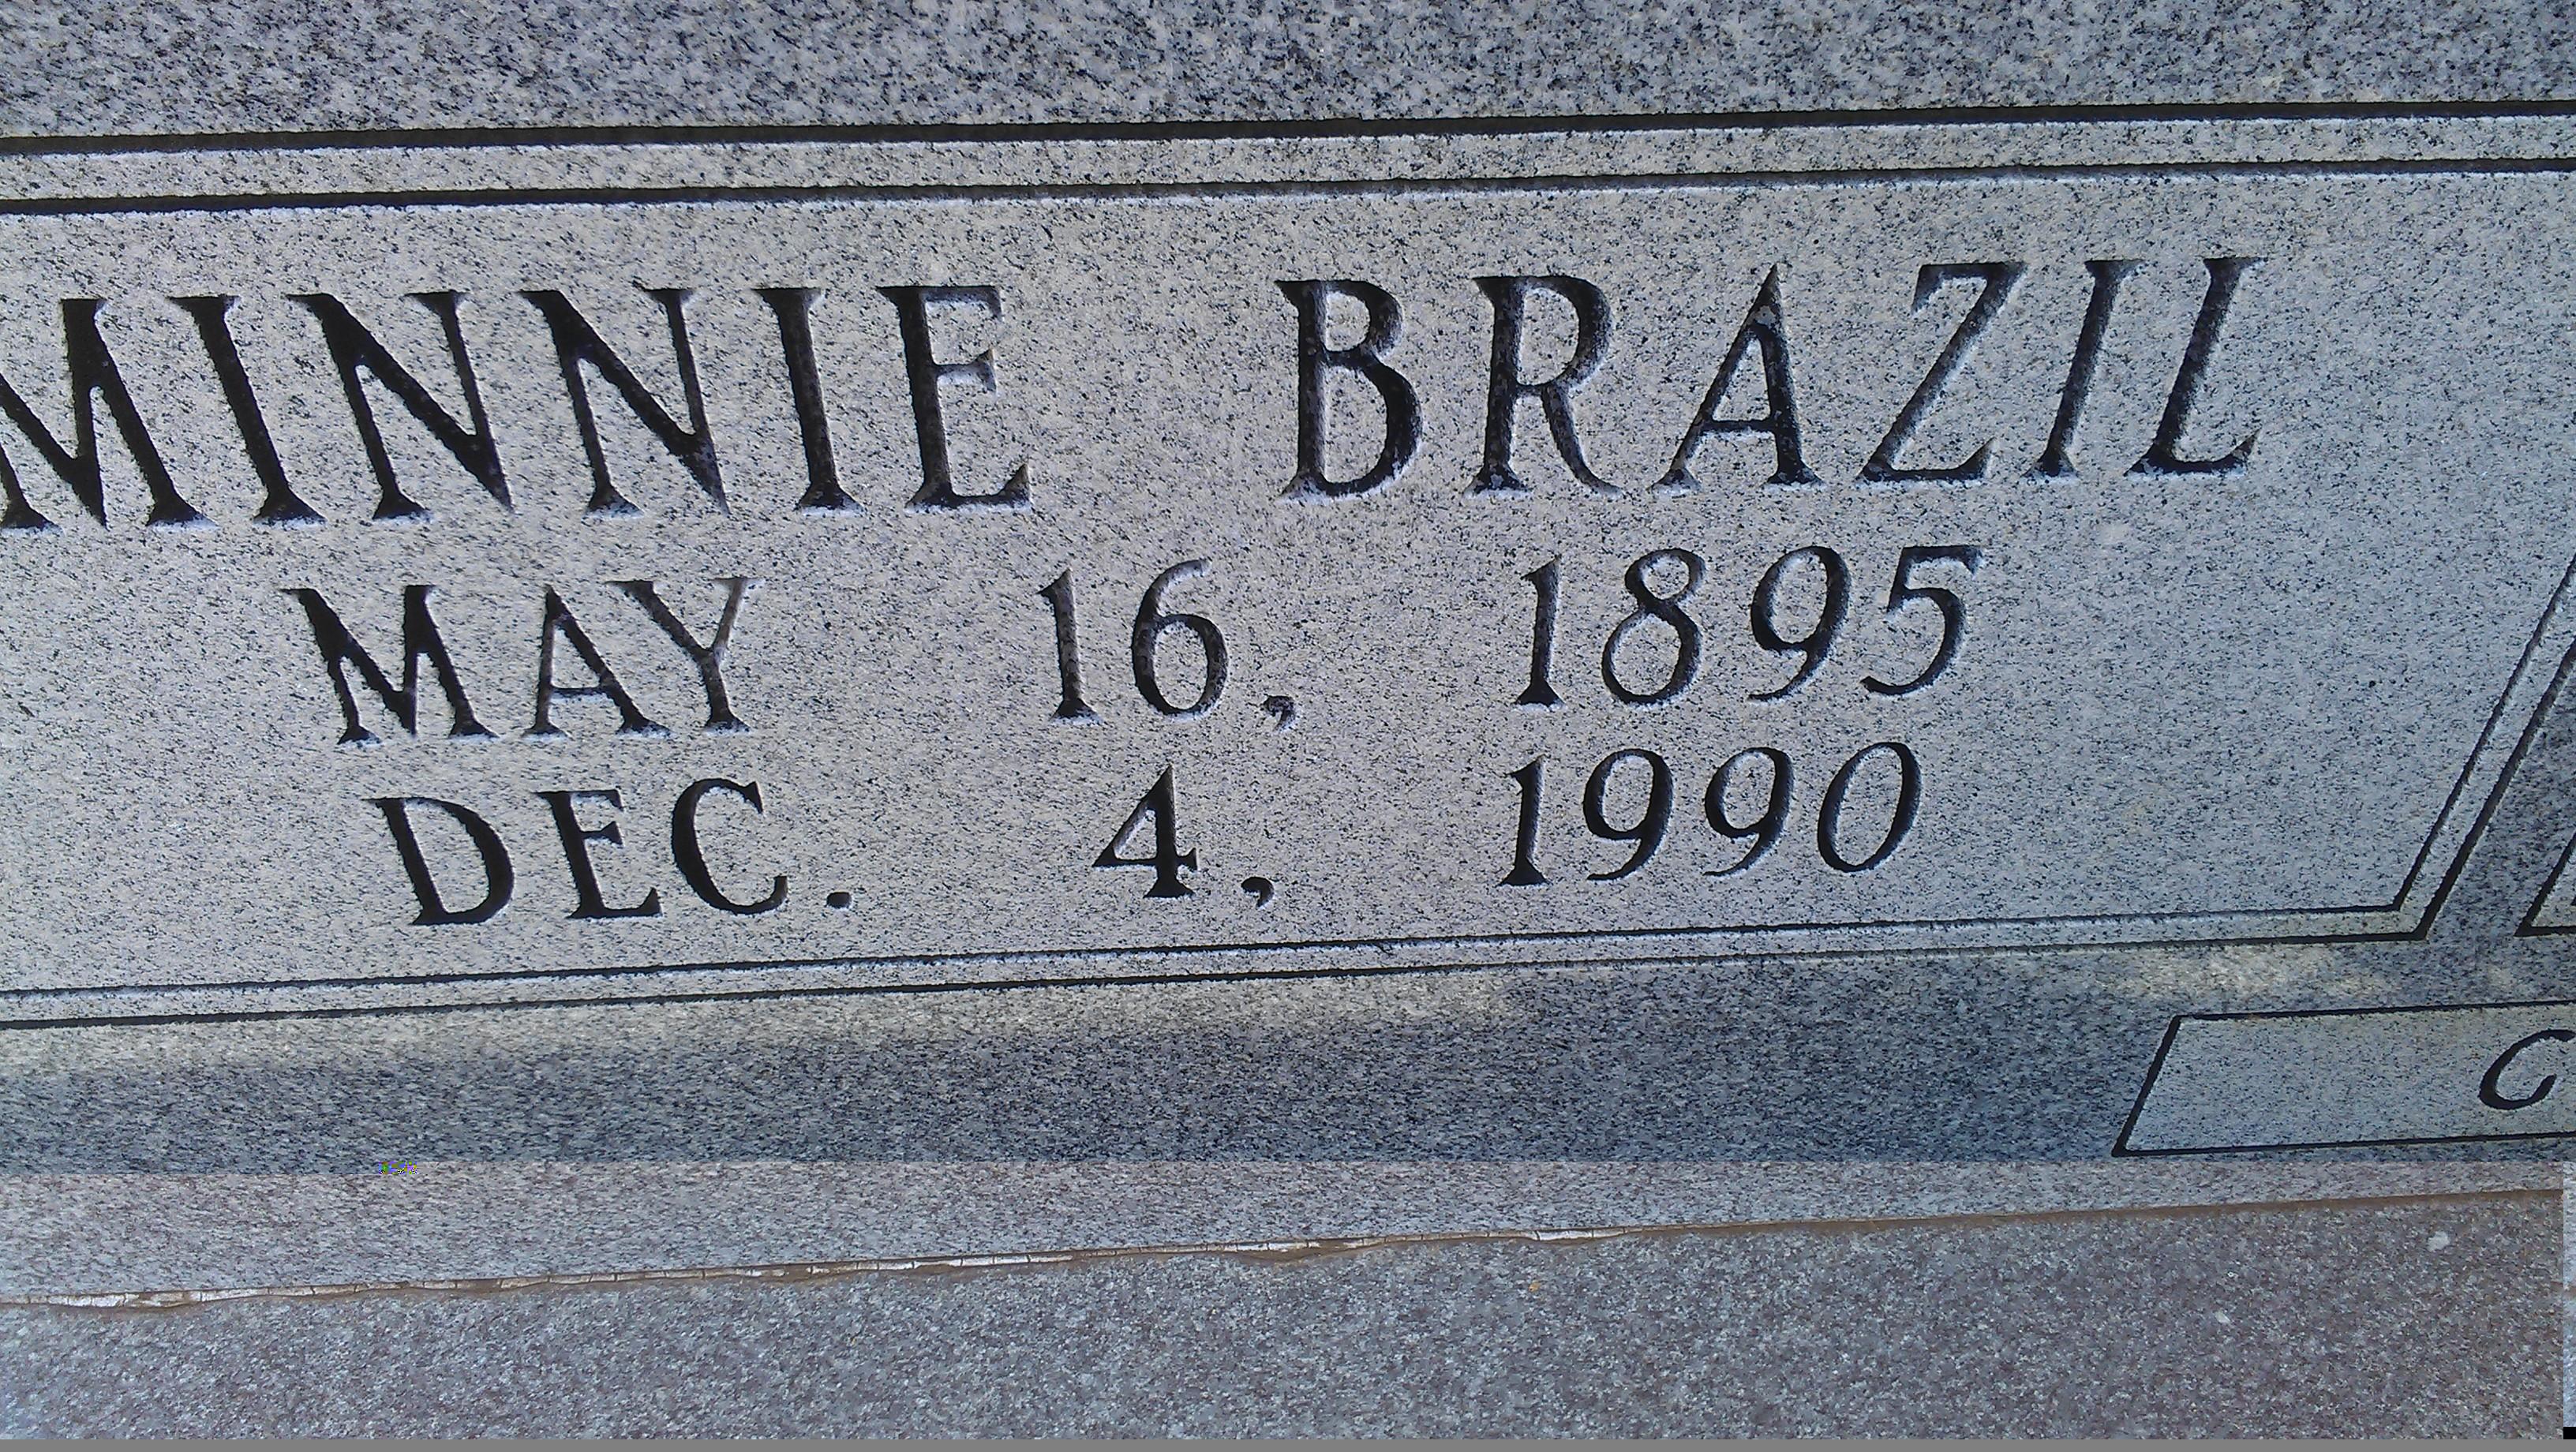 Minnie Brazil